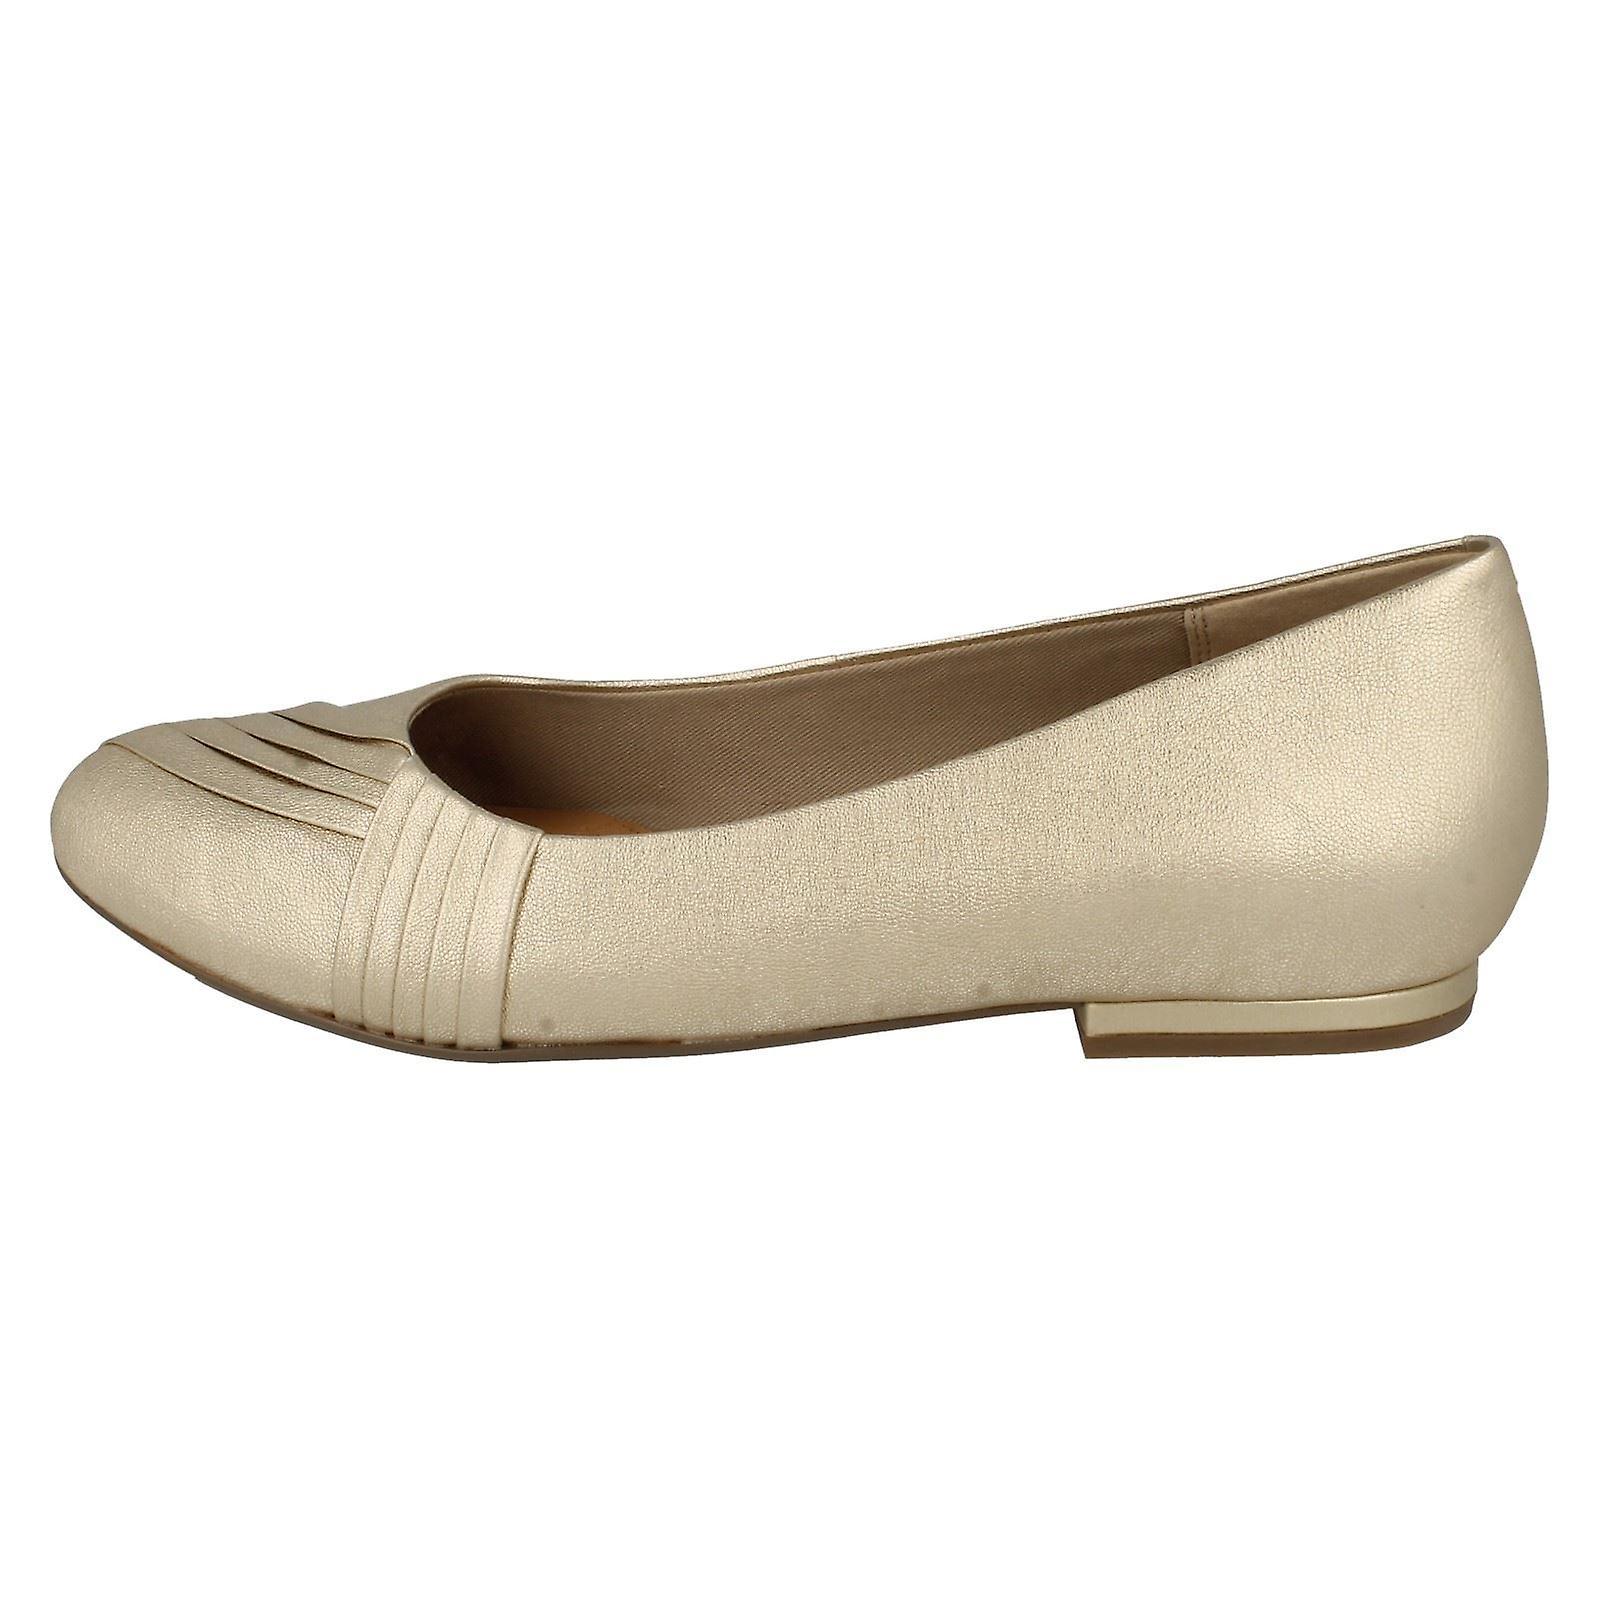 Mesdames Clarks Glisser Sur Ballet Shoes Carillon Ring